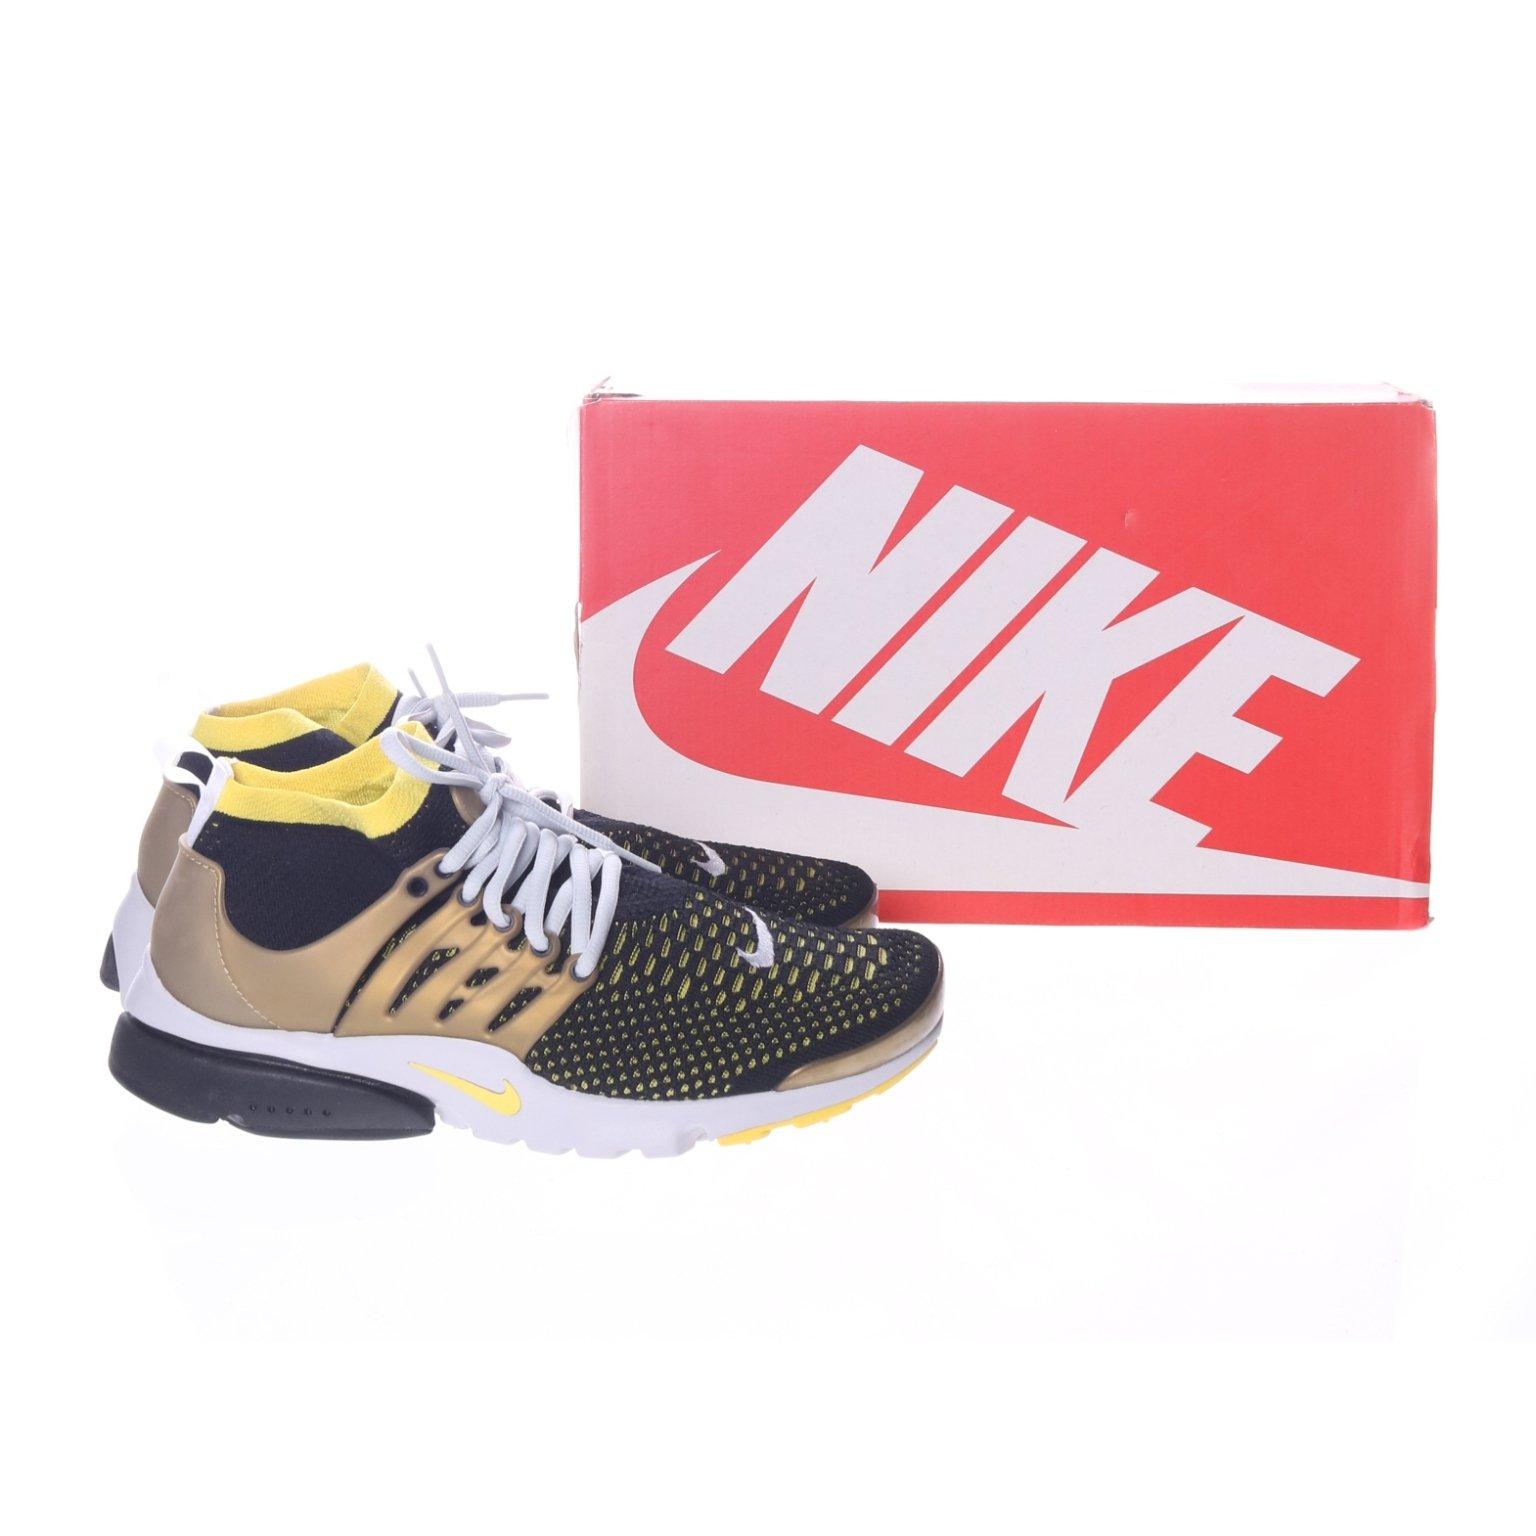 newest 6d793 1534e Nike, Träningsskor, Strl  41, Air presto flyknit ultra, Svart Guldfärgad